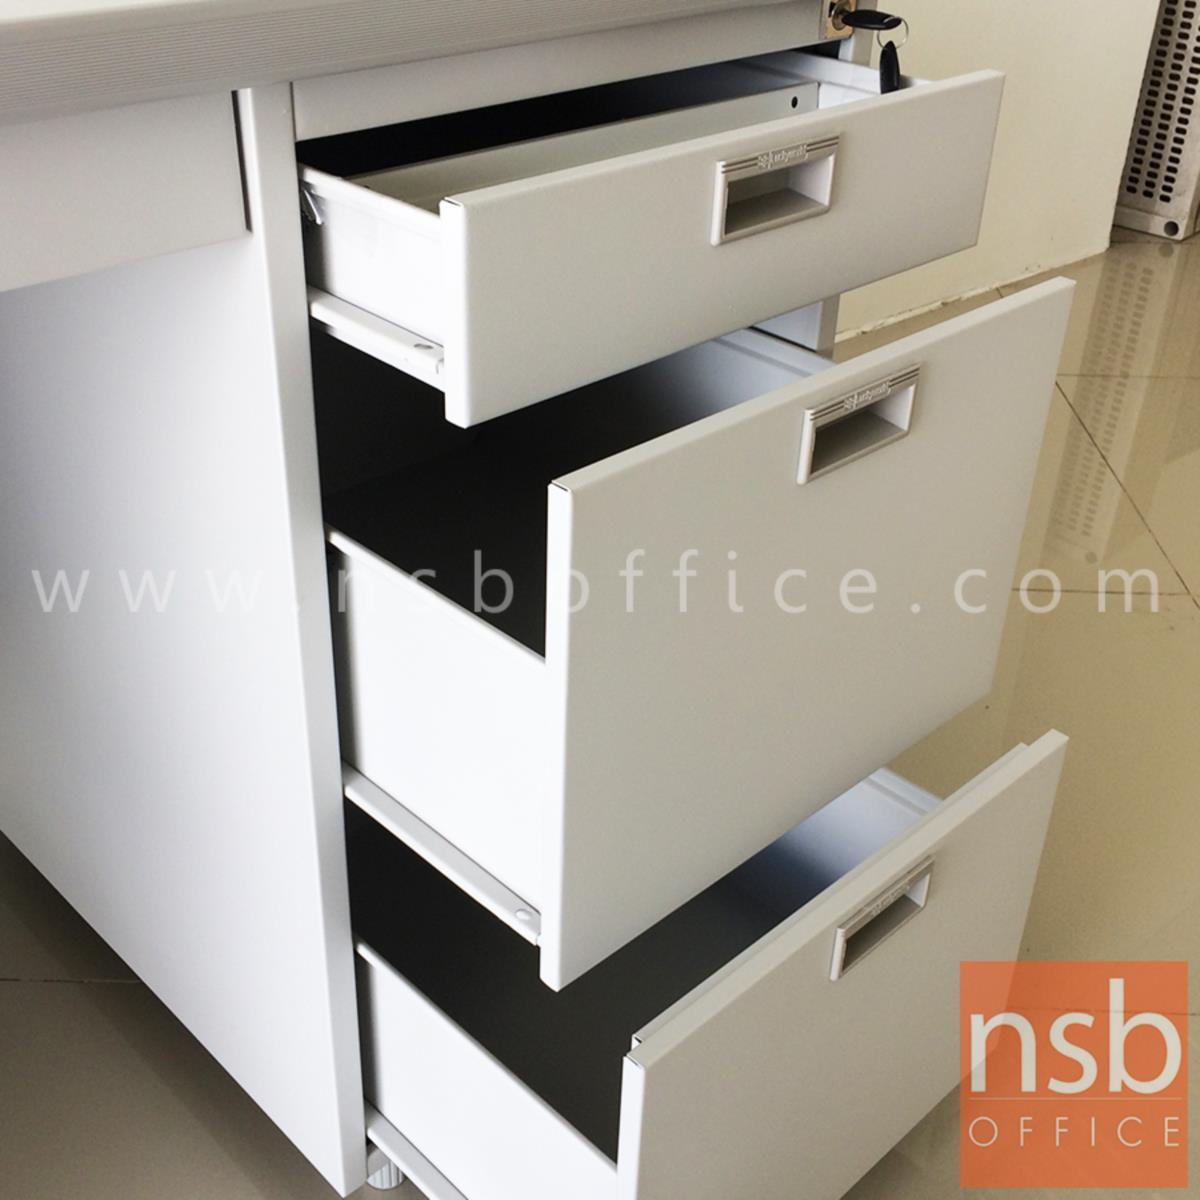 โต๊ะทำงานเหล็ก 4 ลิ้นชัก  100W, 120W cm ทำสีอีพ๊อกซี่พิเศษ (EPOXY)